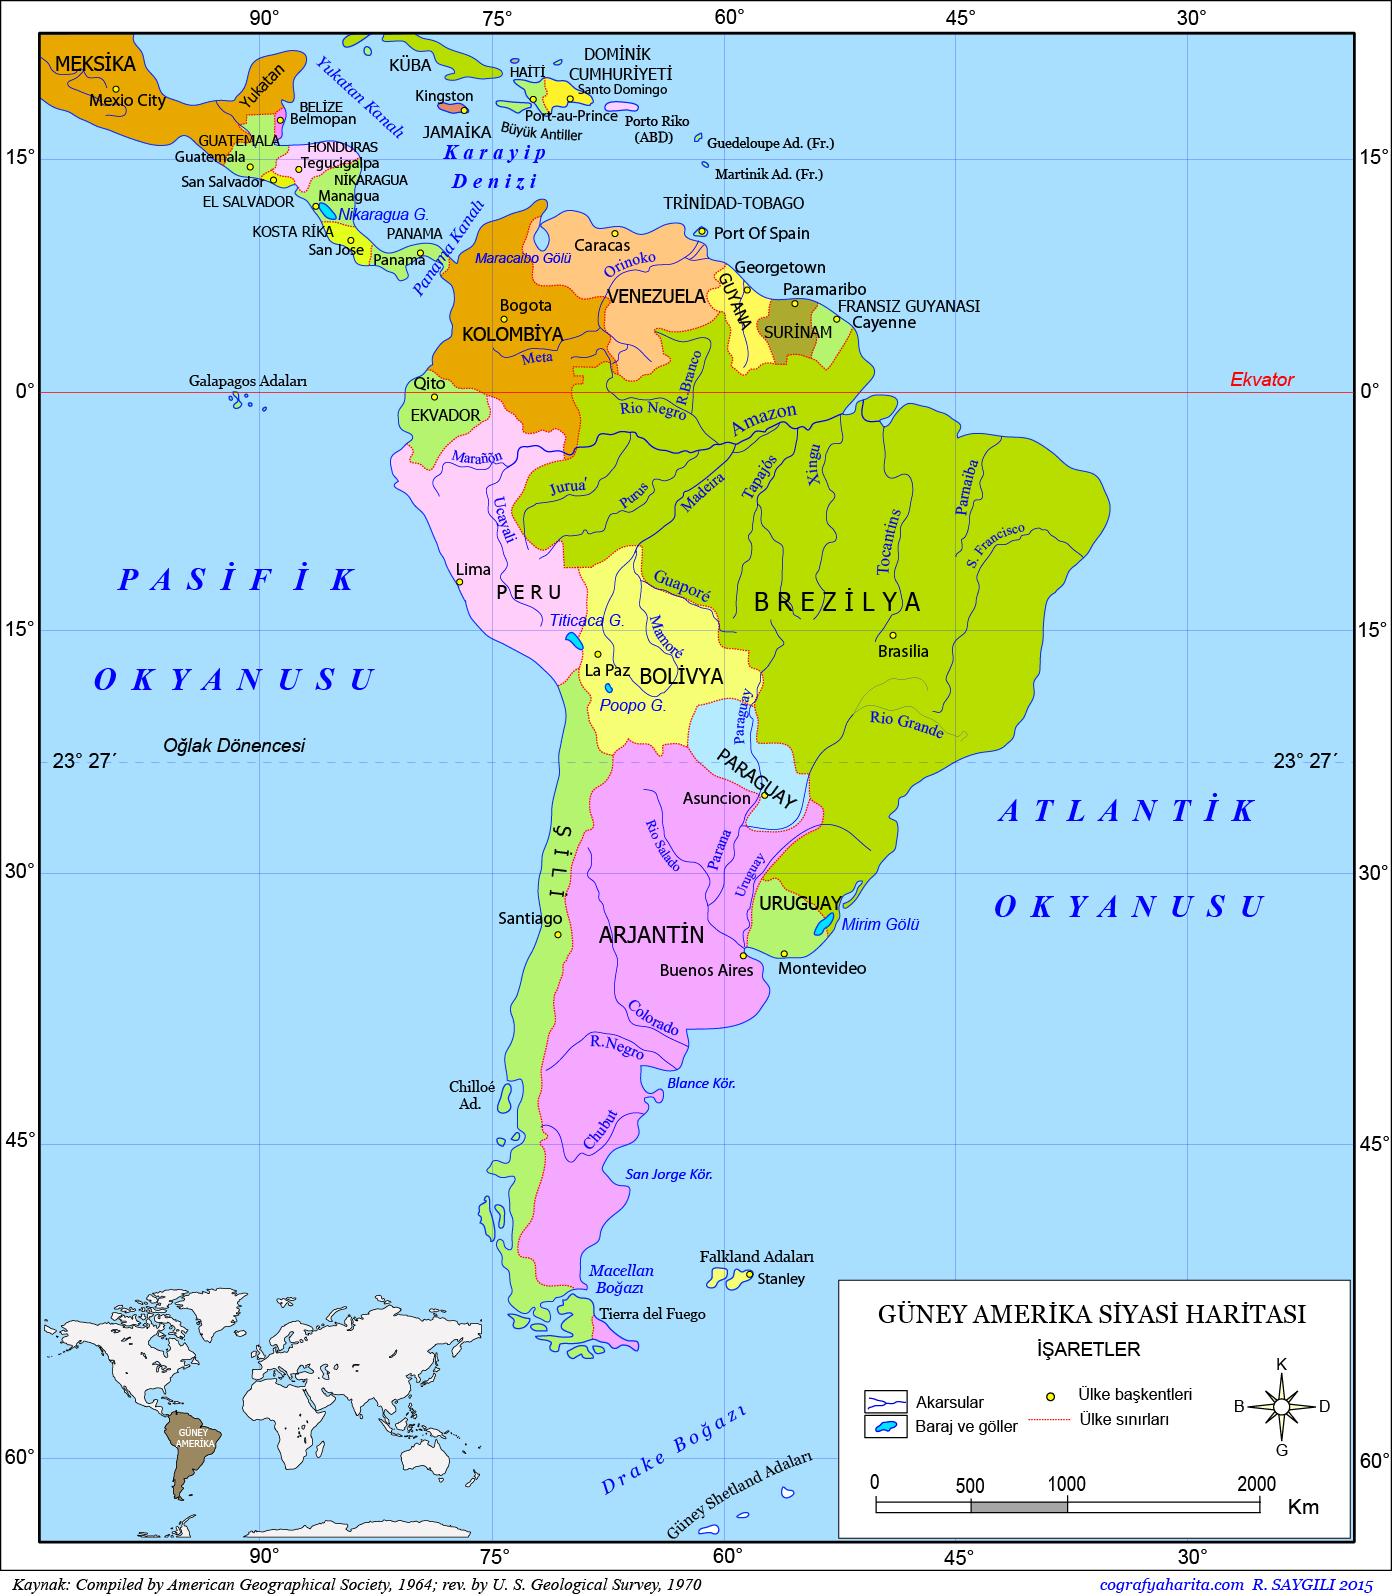 Güney Amerika Haritası 2